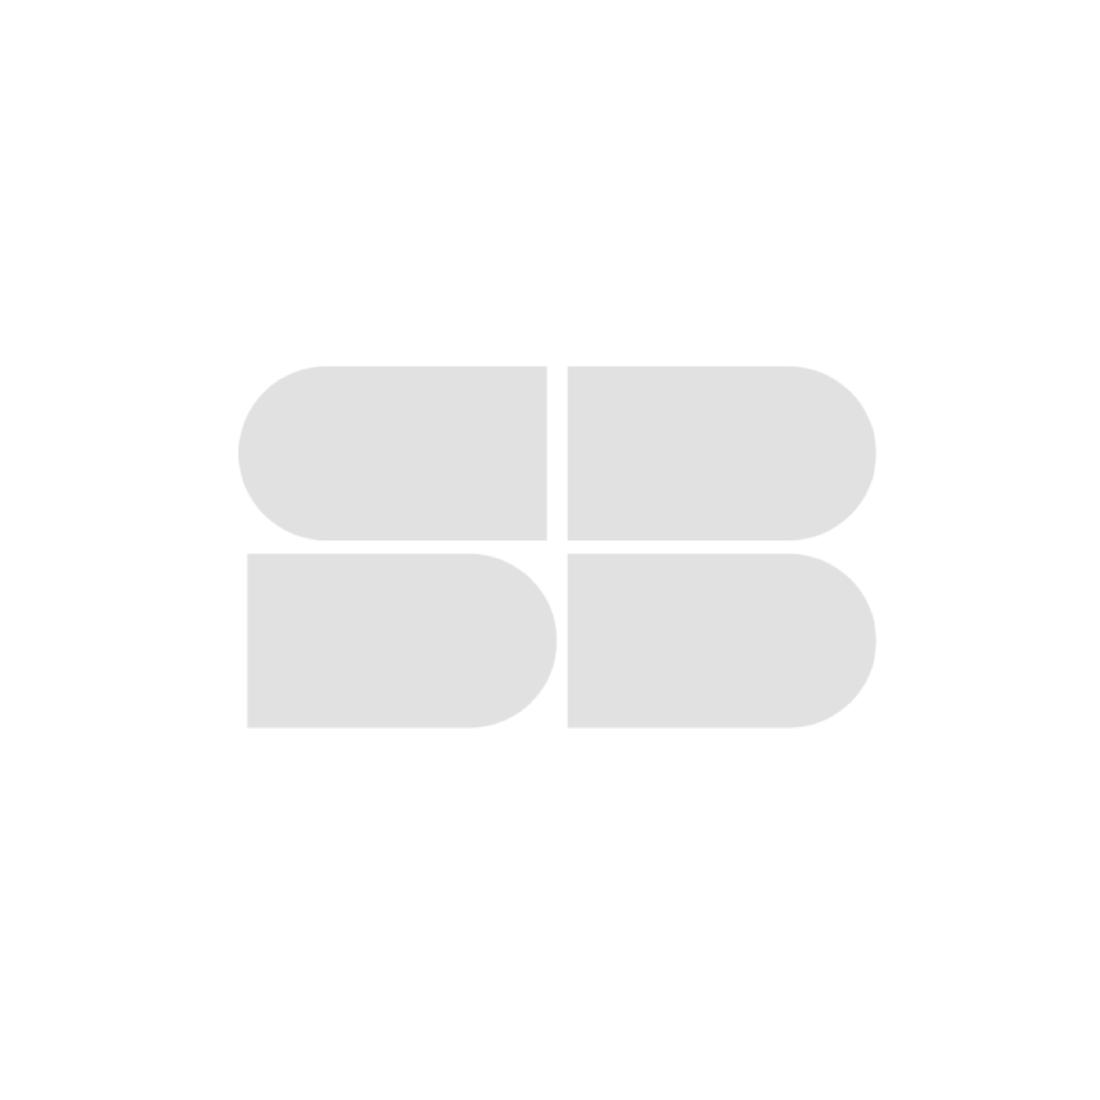 ที่นอน LADY AMERICANA รุ่น ELIZABETH ขนาด 5 ฟุต แถมฟรี ชุดเครื่องนอนและผลิตภัณฑ์บรรจุใย 11 ชิ้น